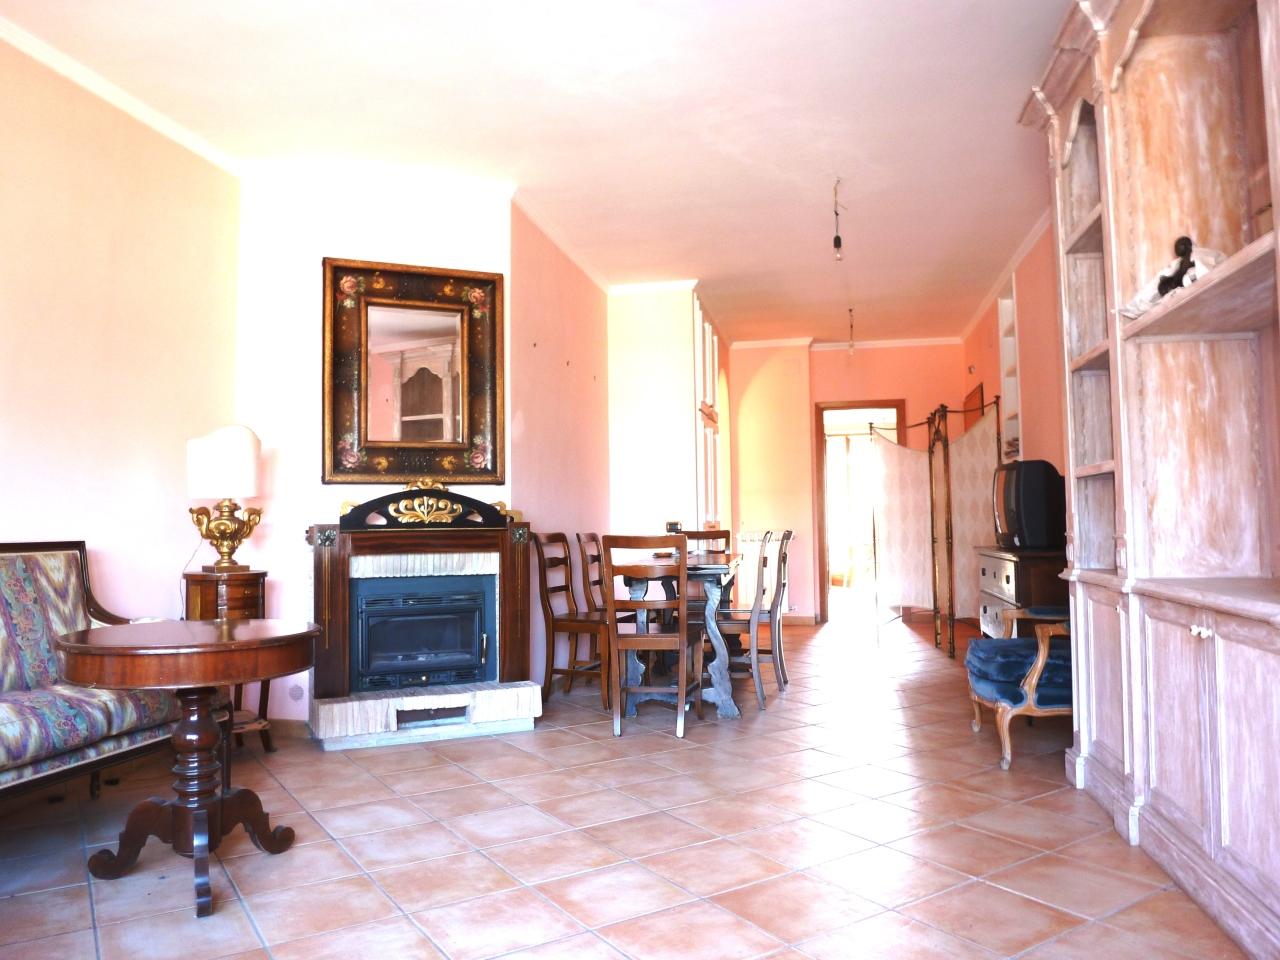 Appartamento in vendita a Grottaferrata, 6 locali, prezzo € 360.000 | CambioCasa.it